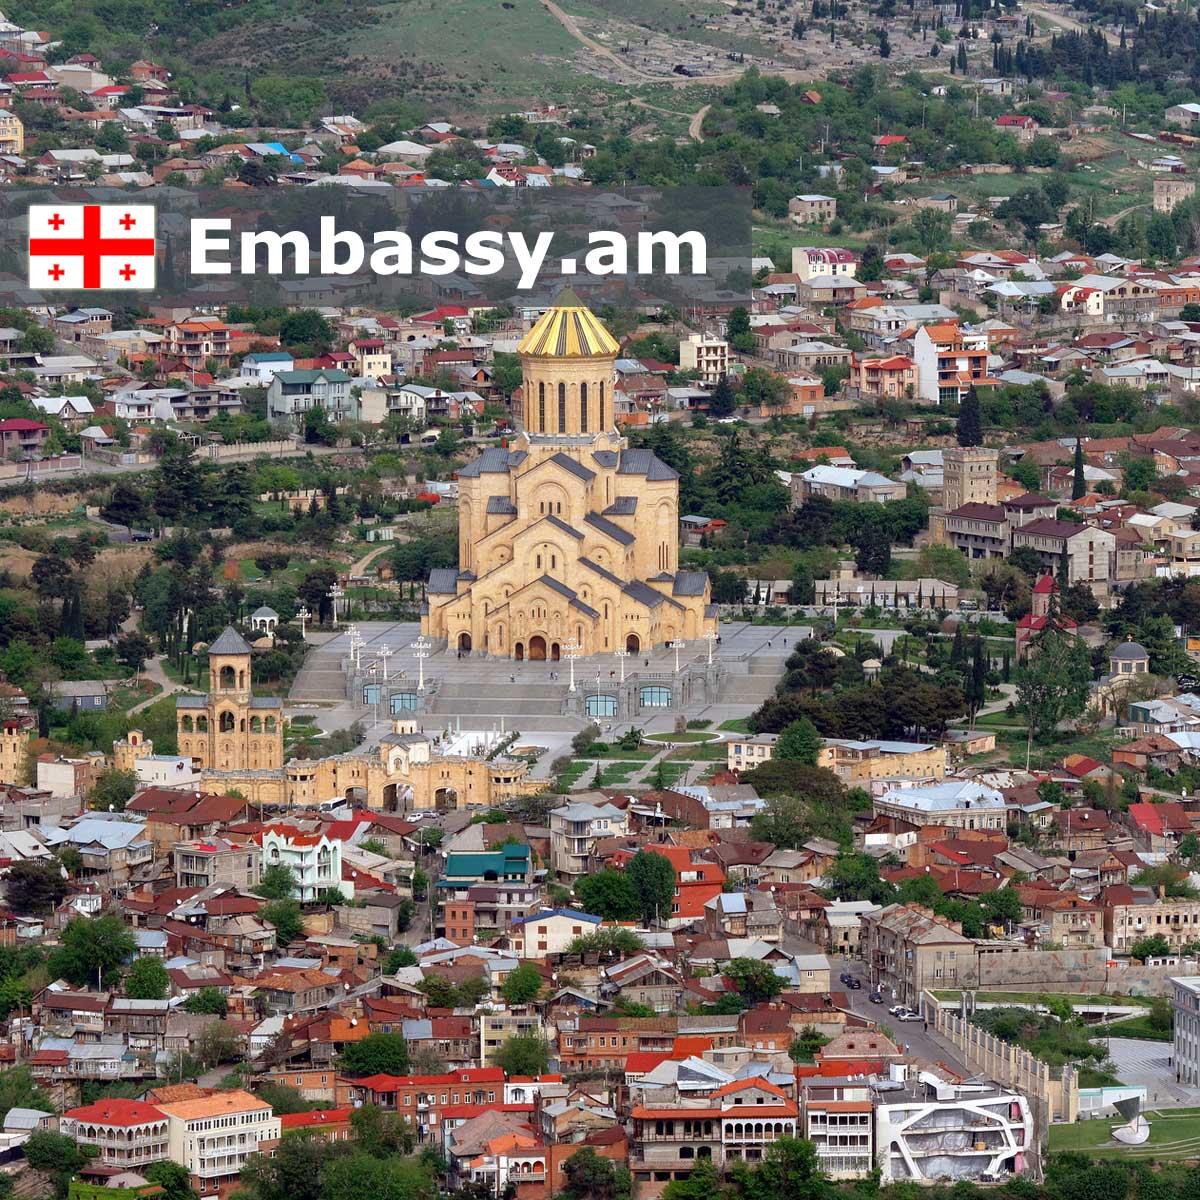 Тбилиси - Отели в Грузии - Embassy.am